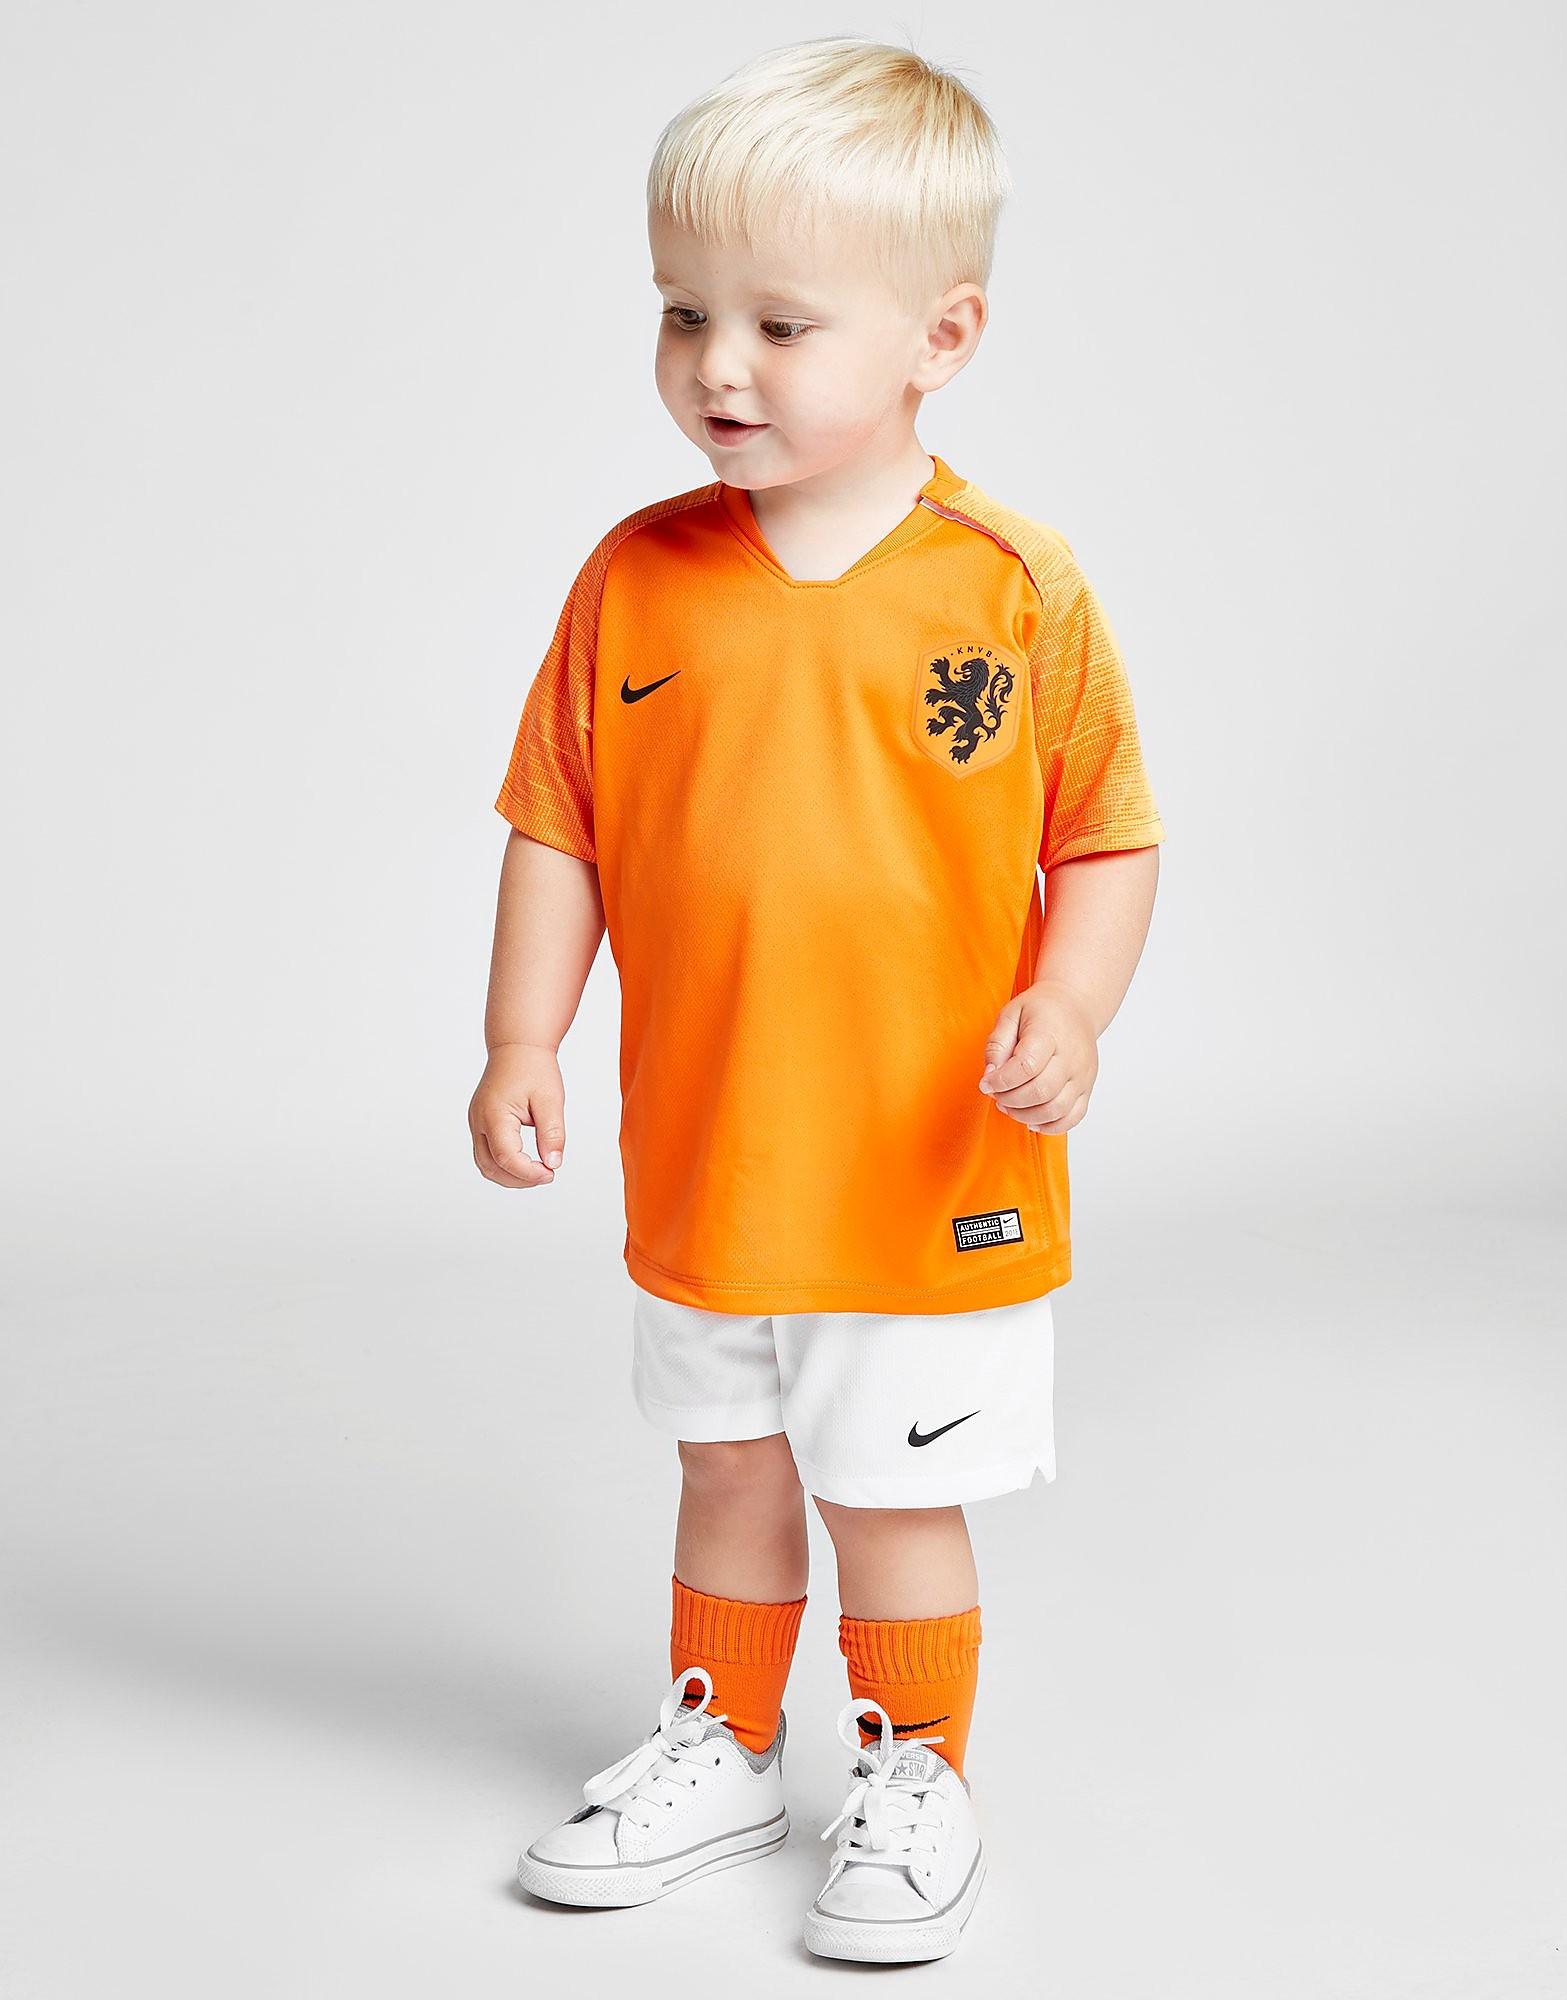 Nike Olanda 2018 Completo Home Bebè